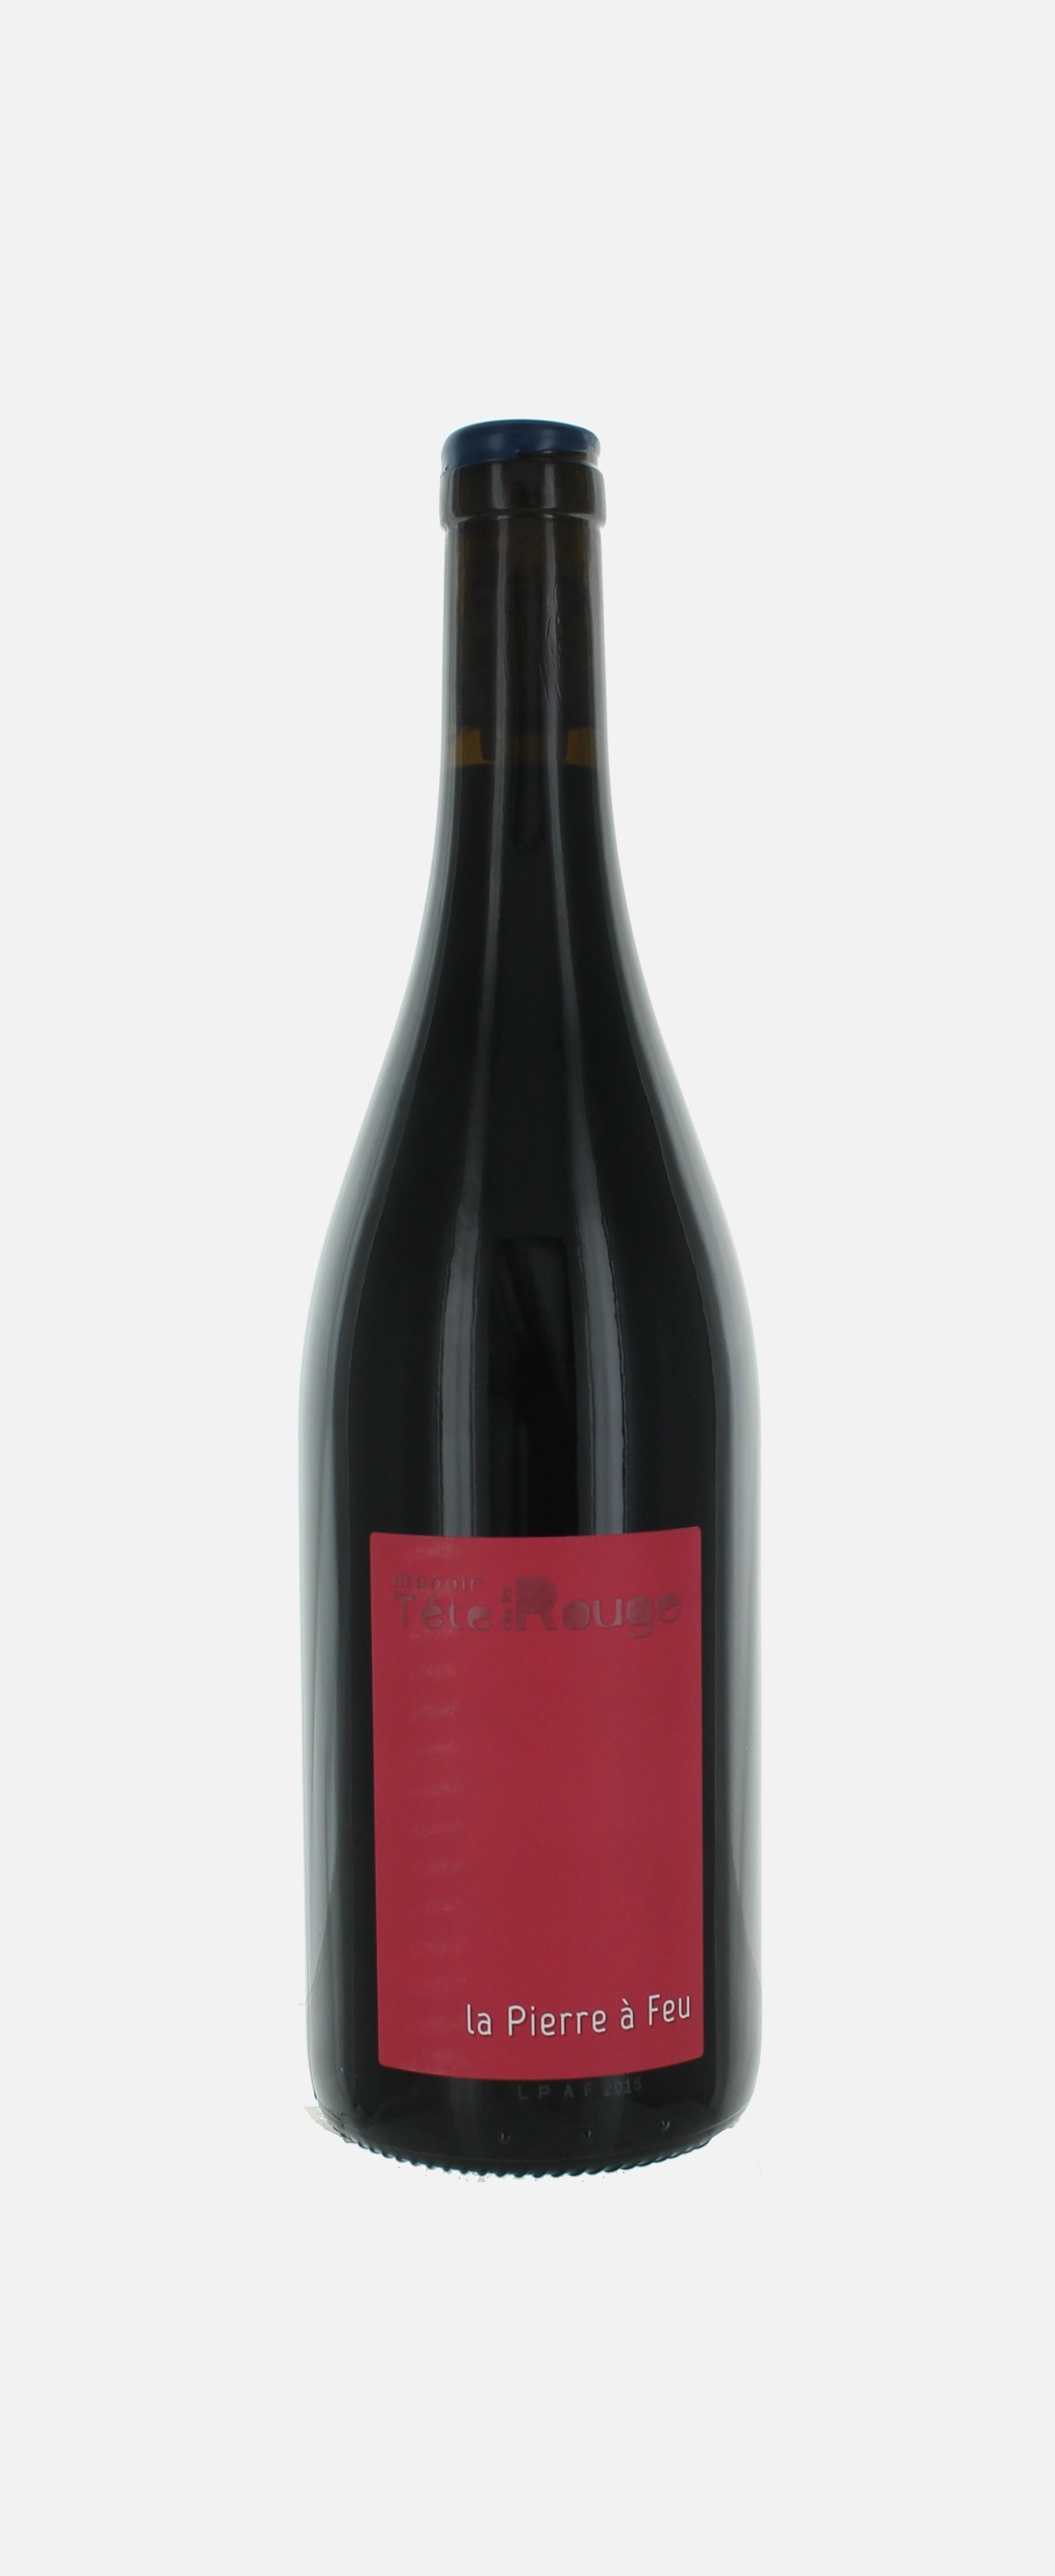 La Pierre à Feu, Saumur, Manoir Tête Rouge